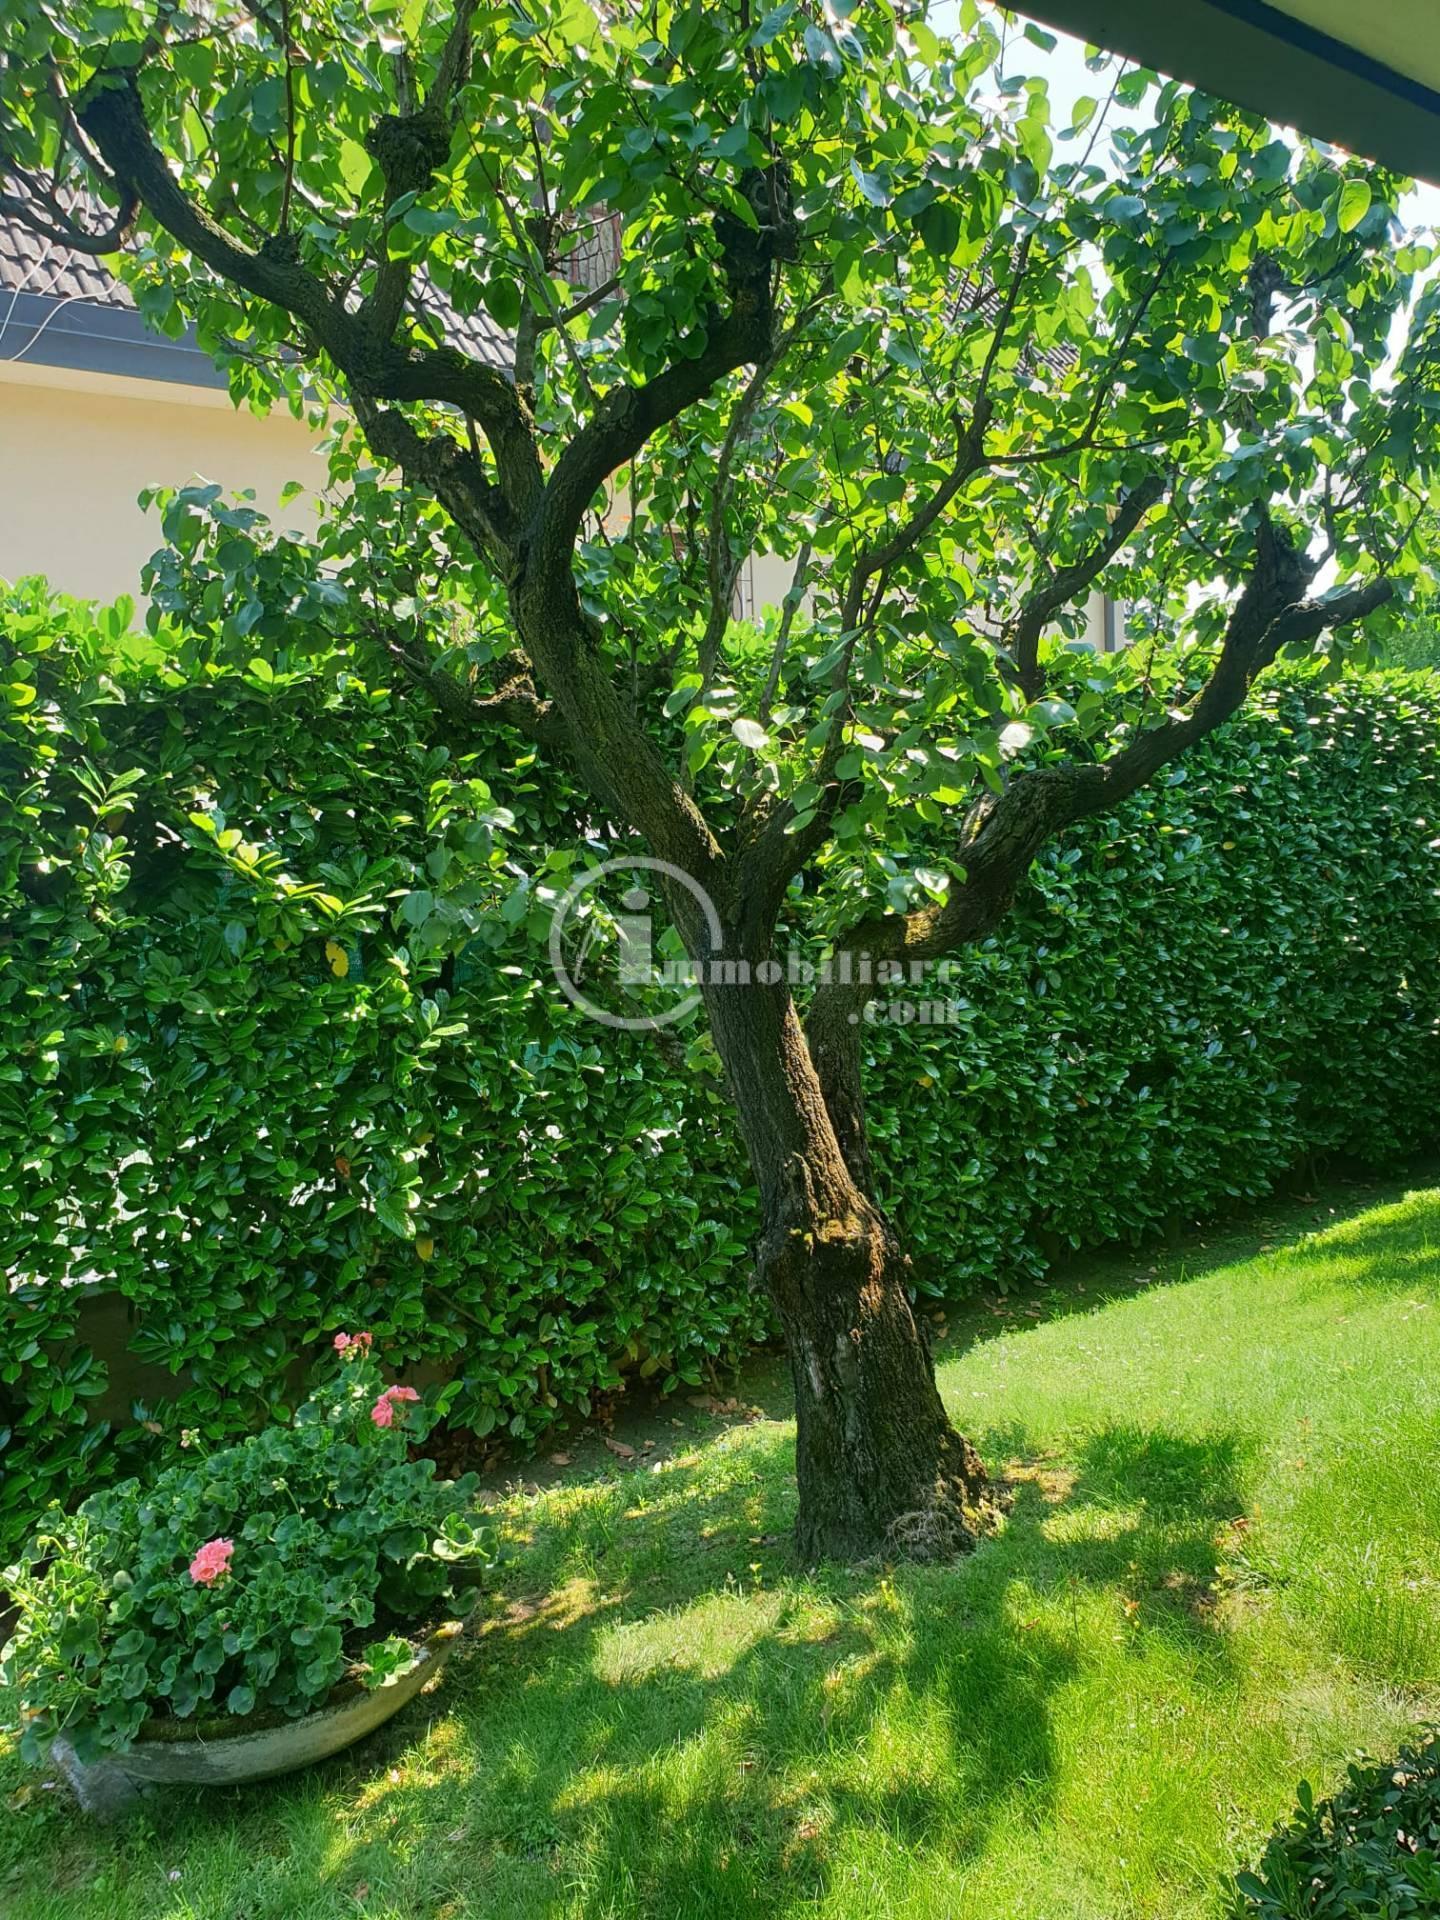 Villa in Vendita a Trezzano Sul Naviglio: 5 locali, 280 mq - Foto 16